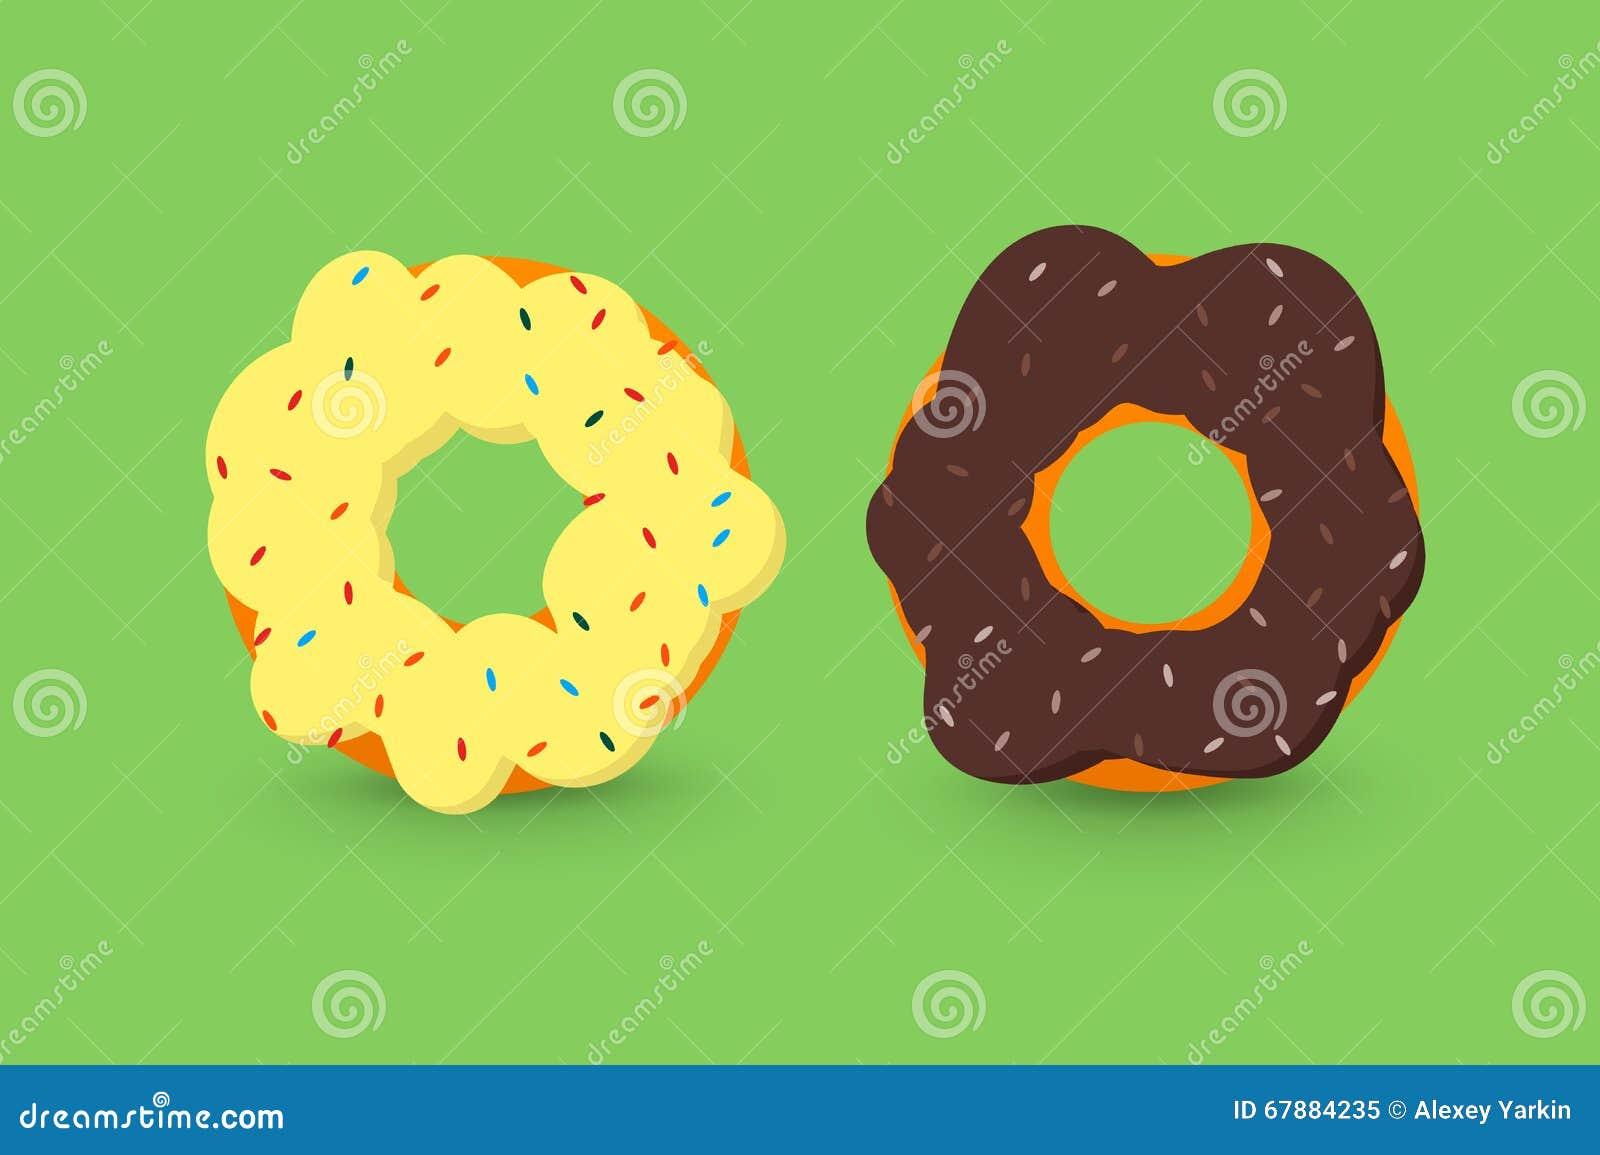 Krämiga och chokladdonuts